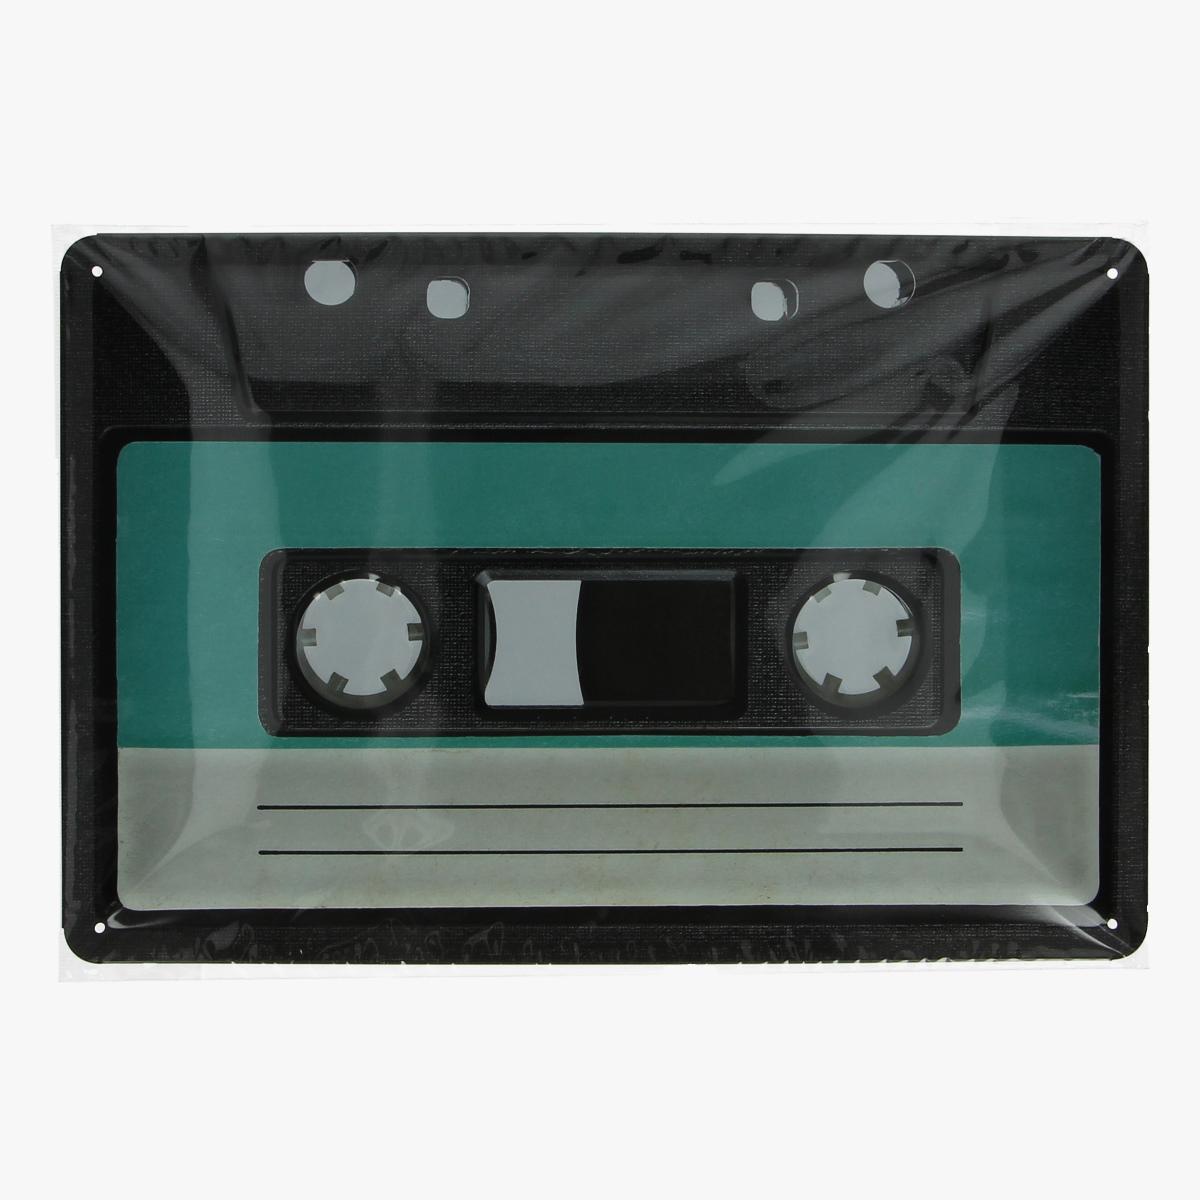 Afbeeldingen van blikken bordje cassette repro geseald